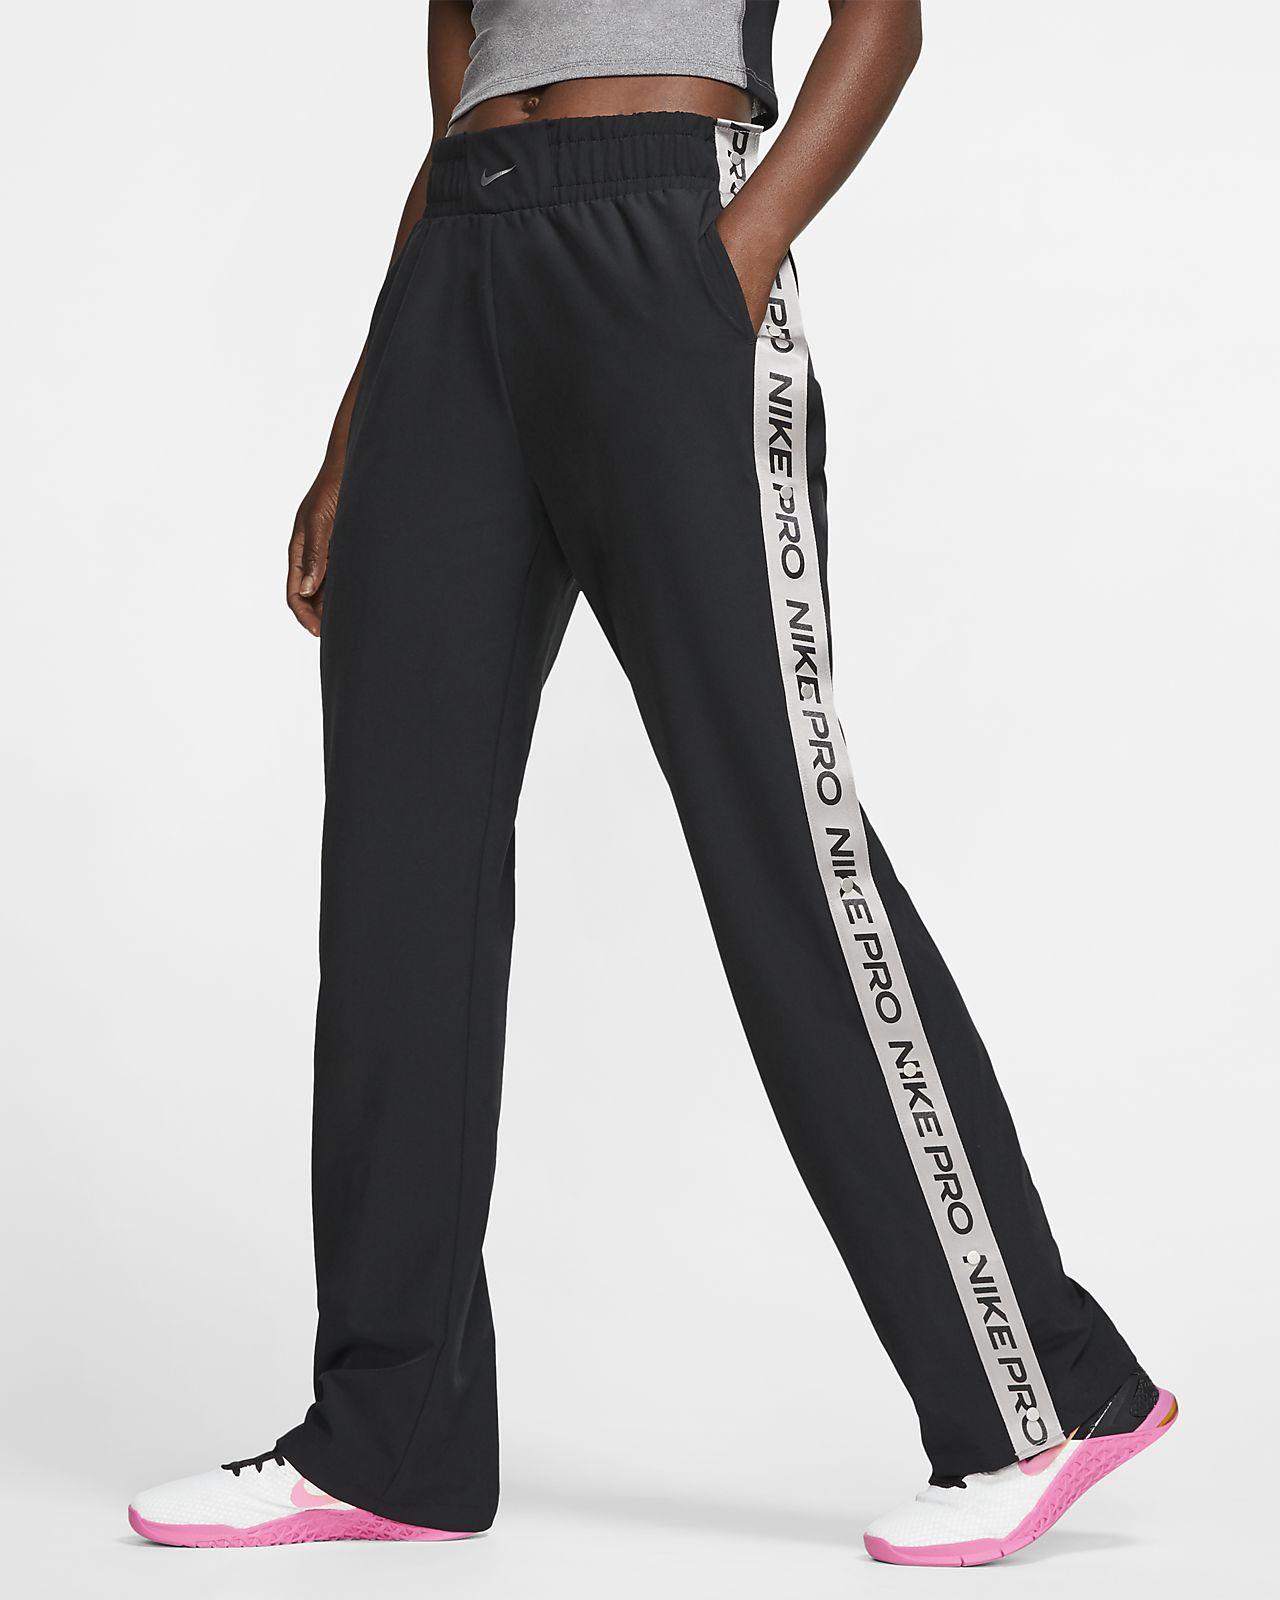 Byxor med knäppning längs benen Nike Pro för kvinnor